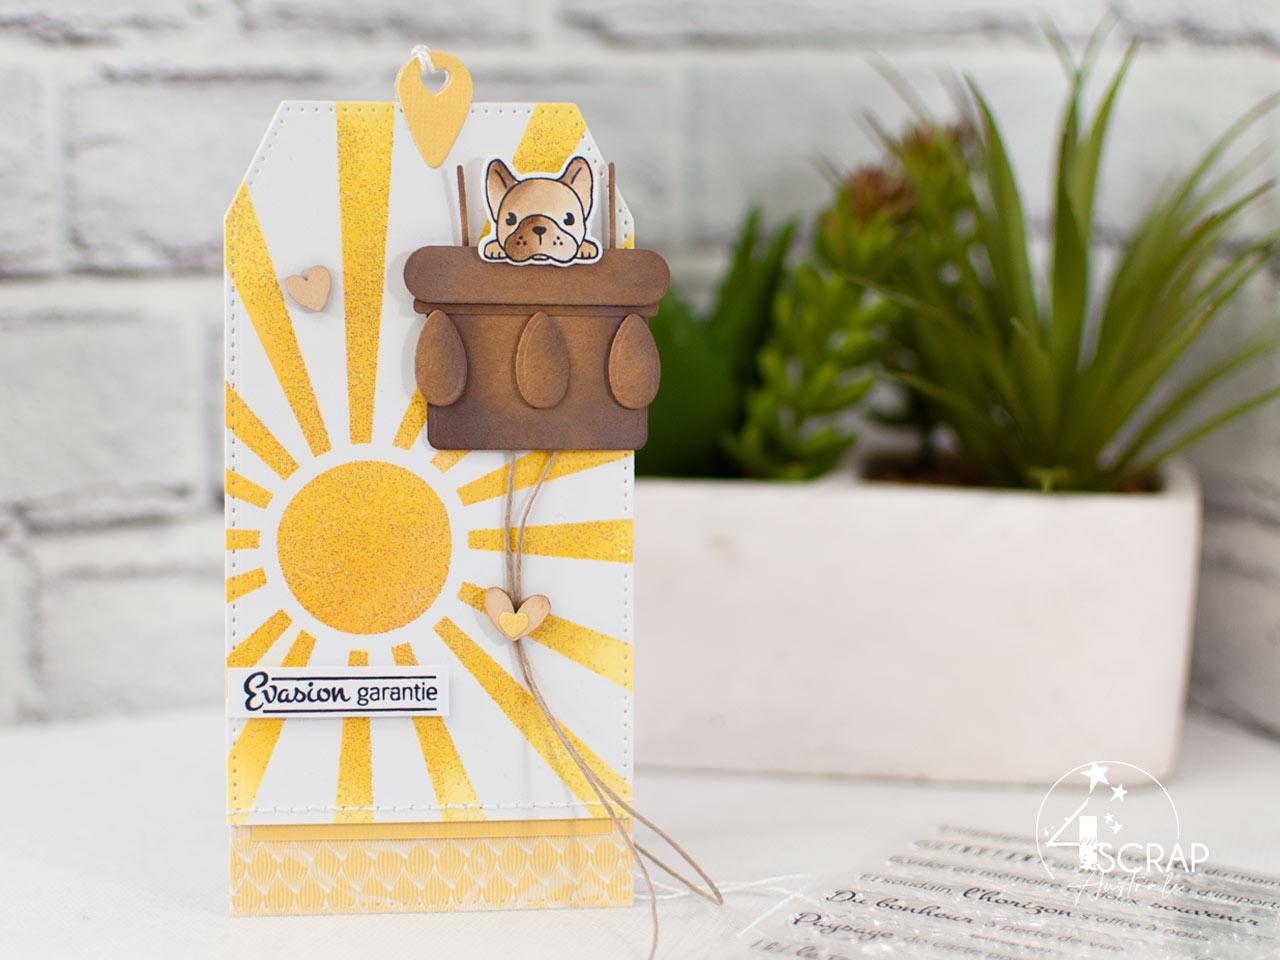 Création d'une étiquette à utiliser en marque-page avec fond soleil réalisé à l'encre et au pochoir, un petit bouli dans son panier de montgolfière et une étiquette.